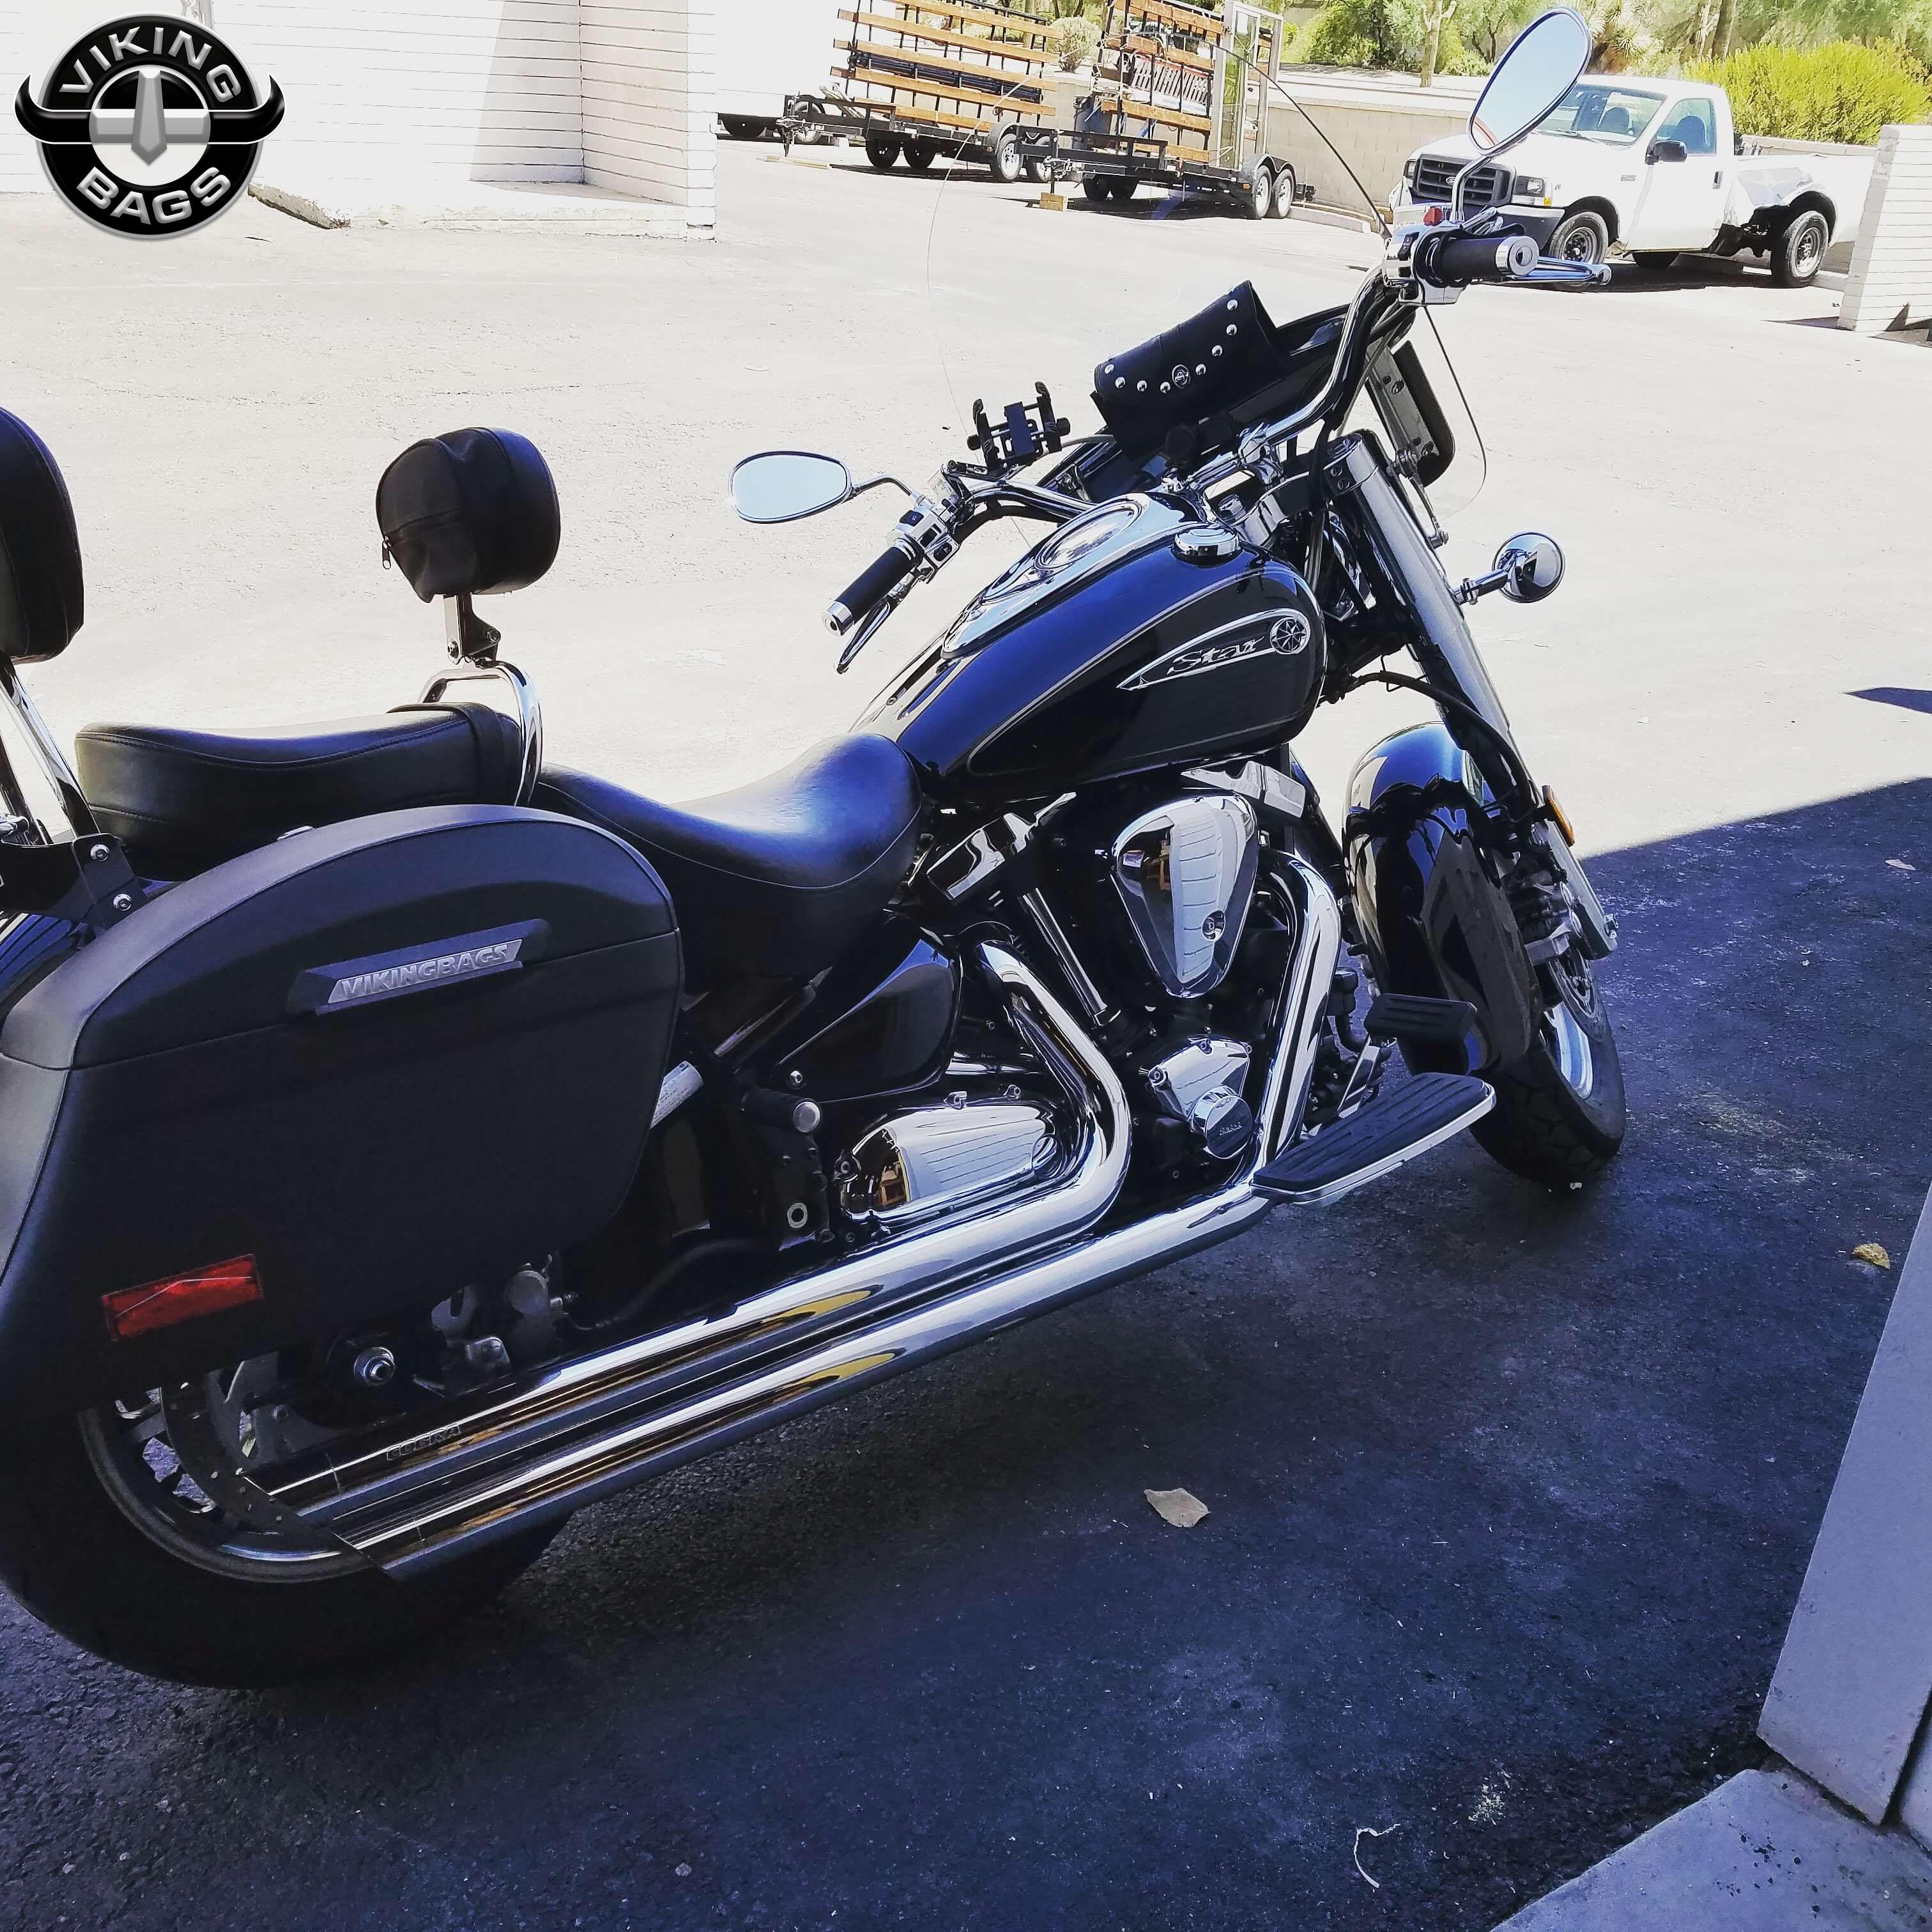 ... Motorcycle Saddlebags · Jeff's 12 Yamaha Road Star 1700 w/ Lamellar  Hard Saddlebags ...